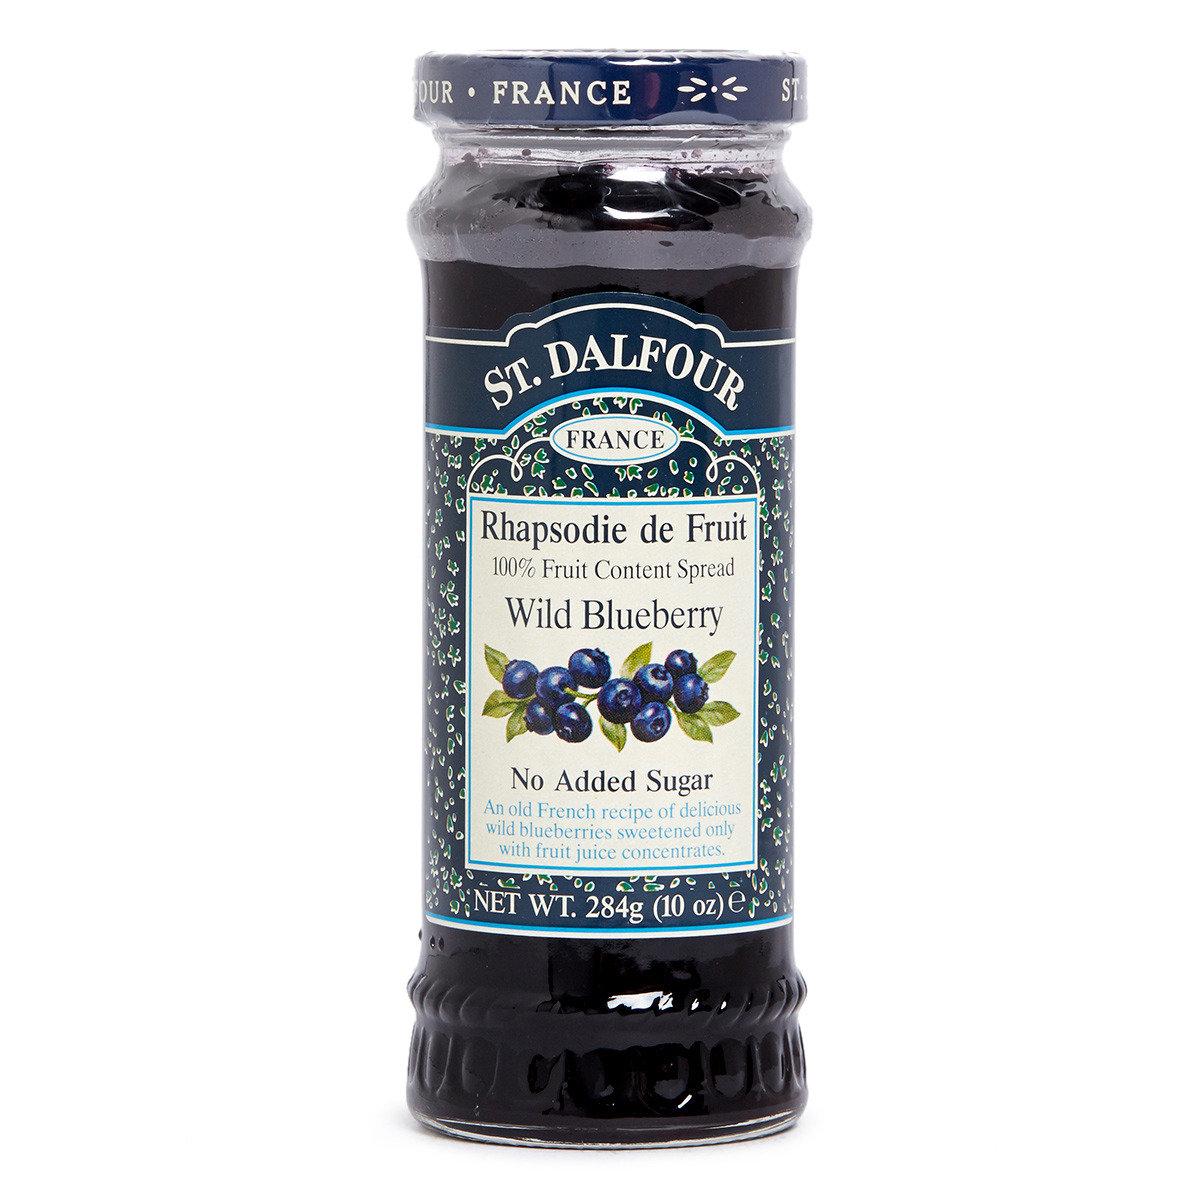 天然野生藍莓果醬